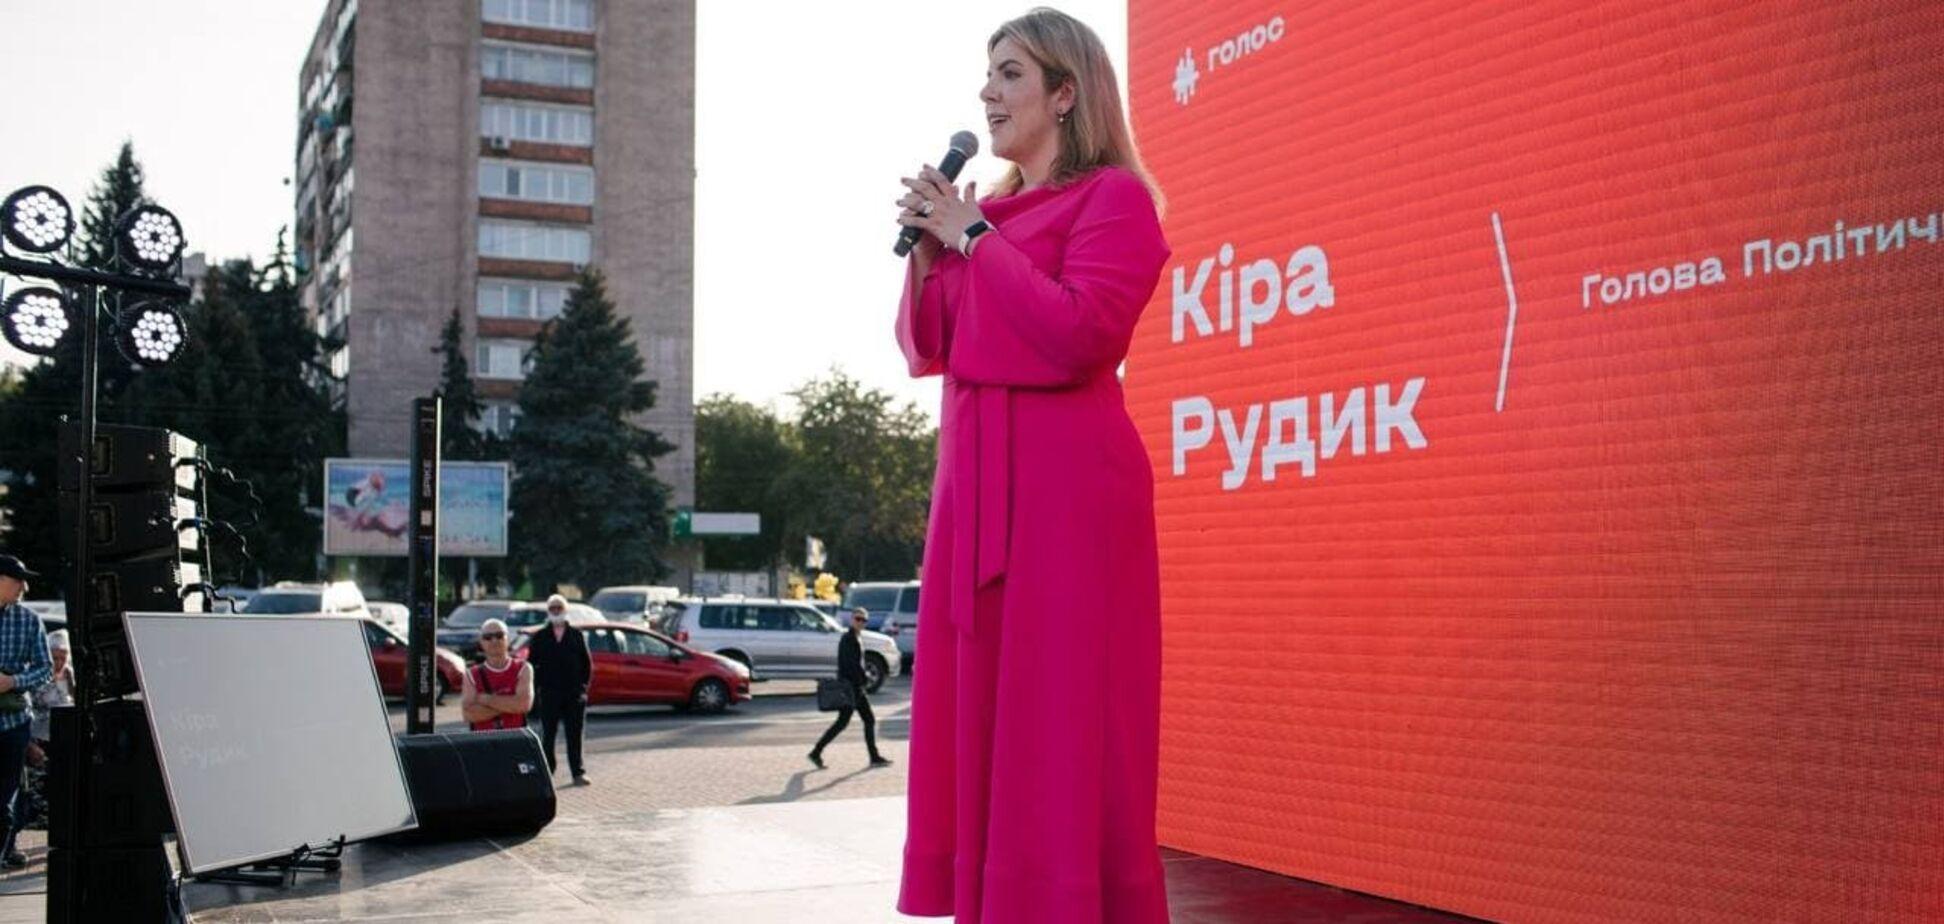 Кира Рудик не исключает возможности в будущем занять пост премьер-министра Украины